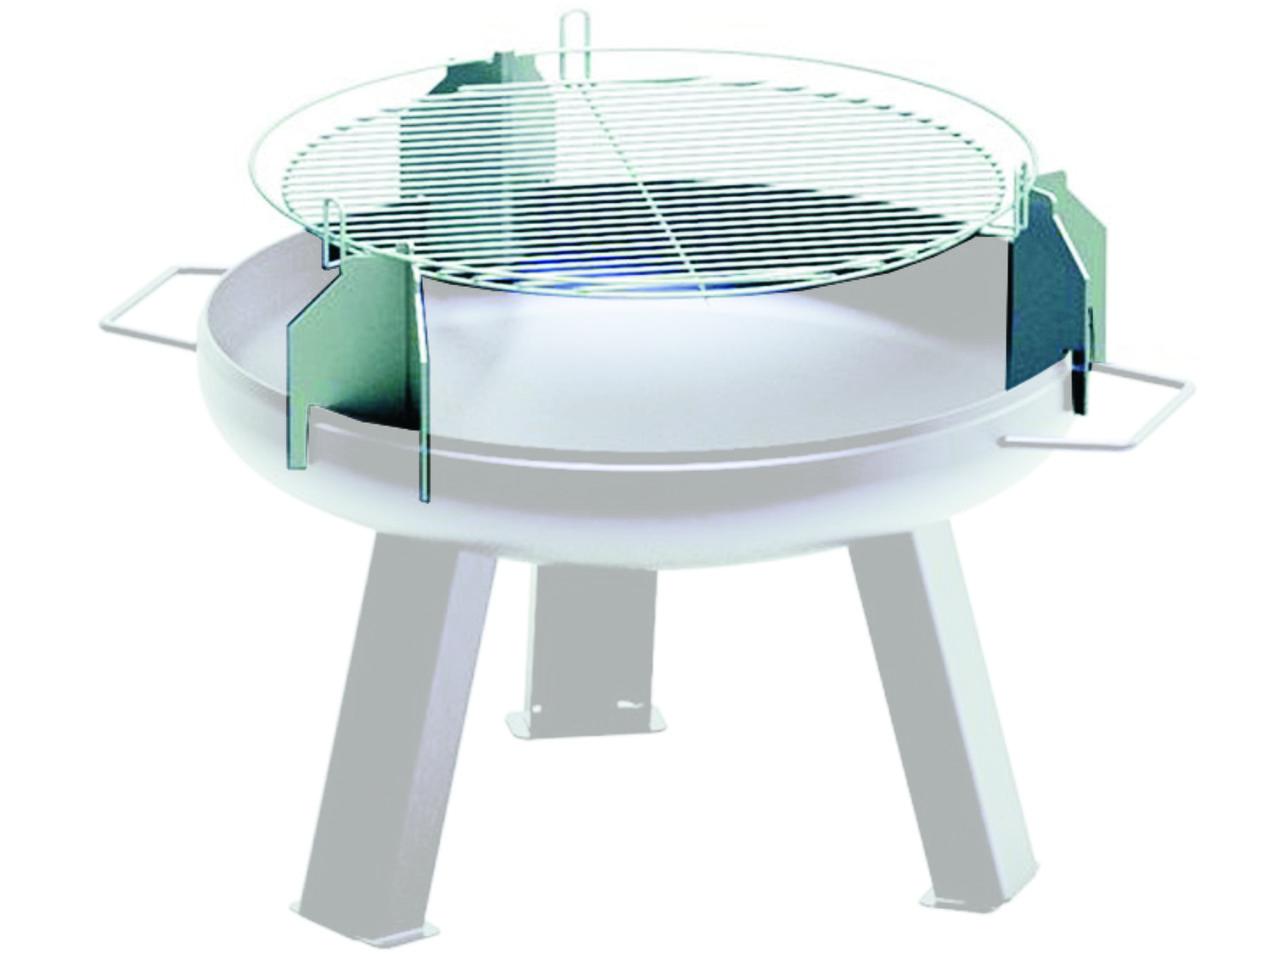 Решетка-гриль из нержавеющей стали ø 500 мм на чашу для костра Huch ø 550 мм